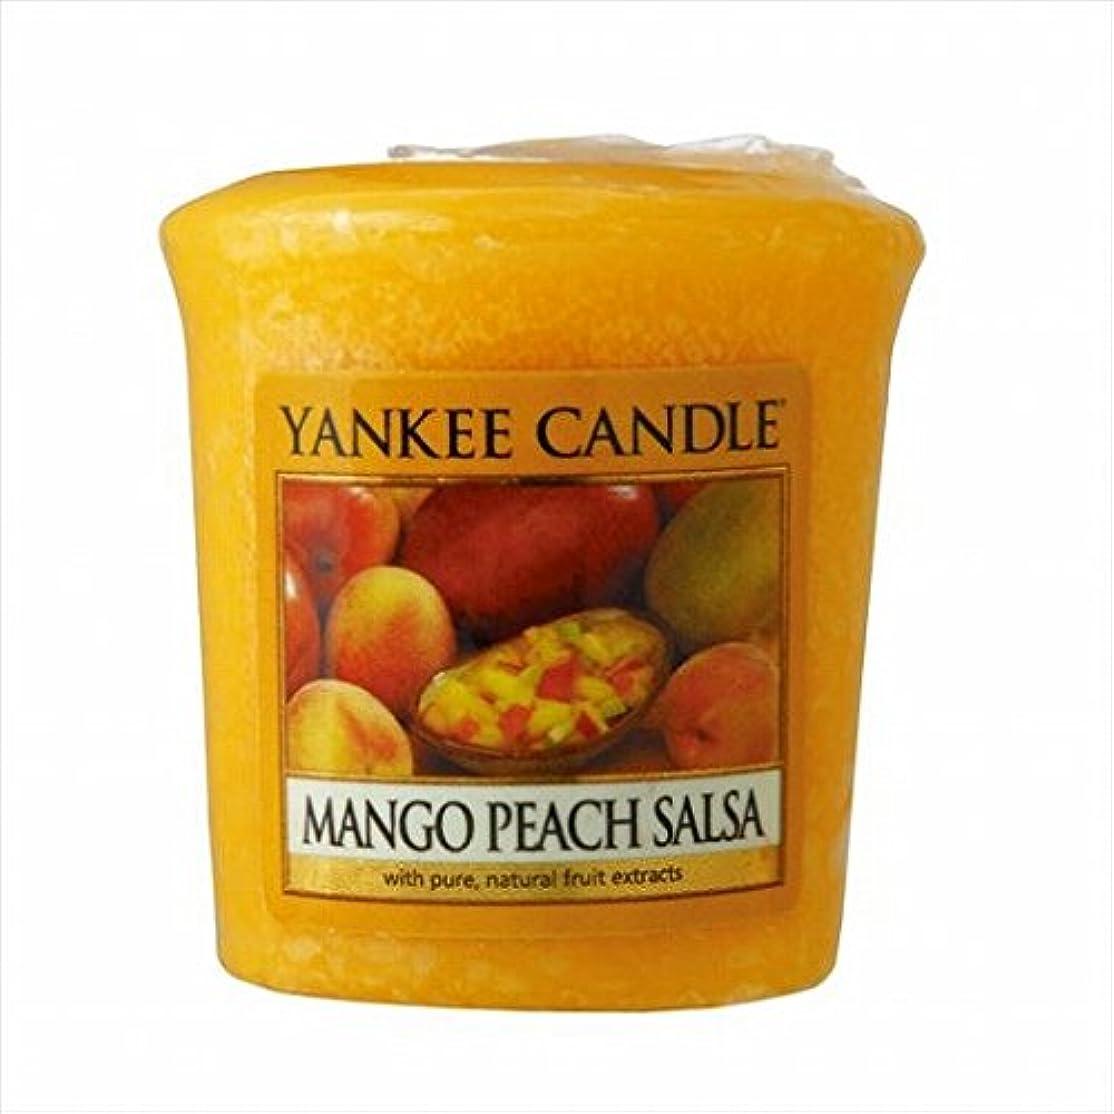 海藻ドラフトアパートカメヤマキャンドル(kameyama candle) YANKEE CANDLE サンプラー 「 マンゴーピーチサルサ 」